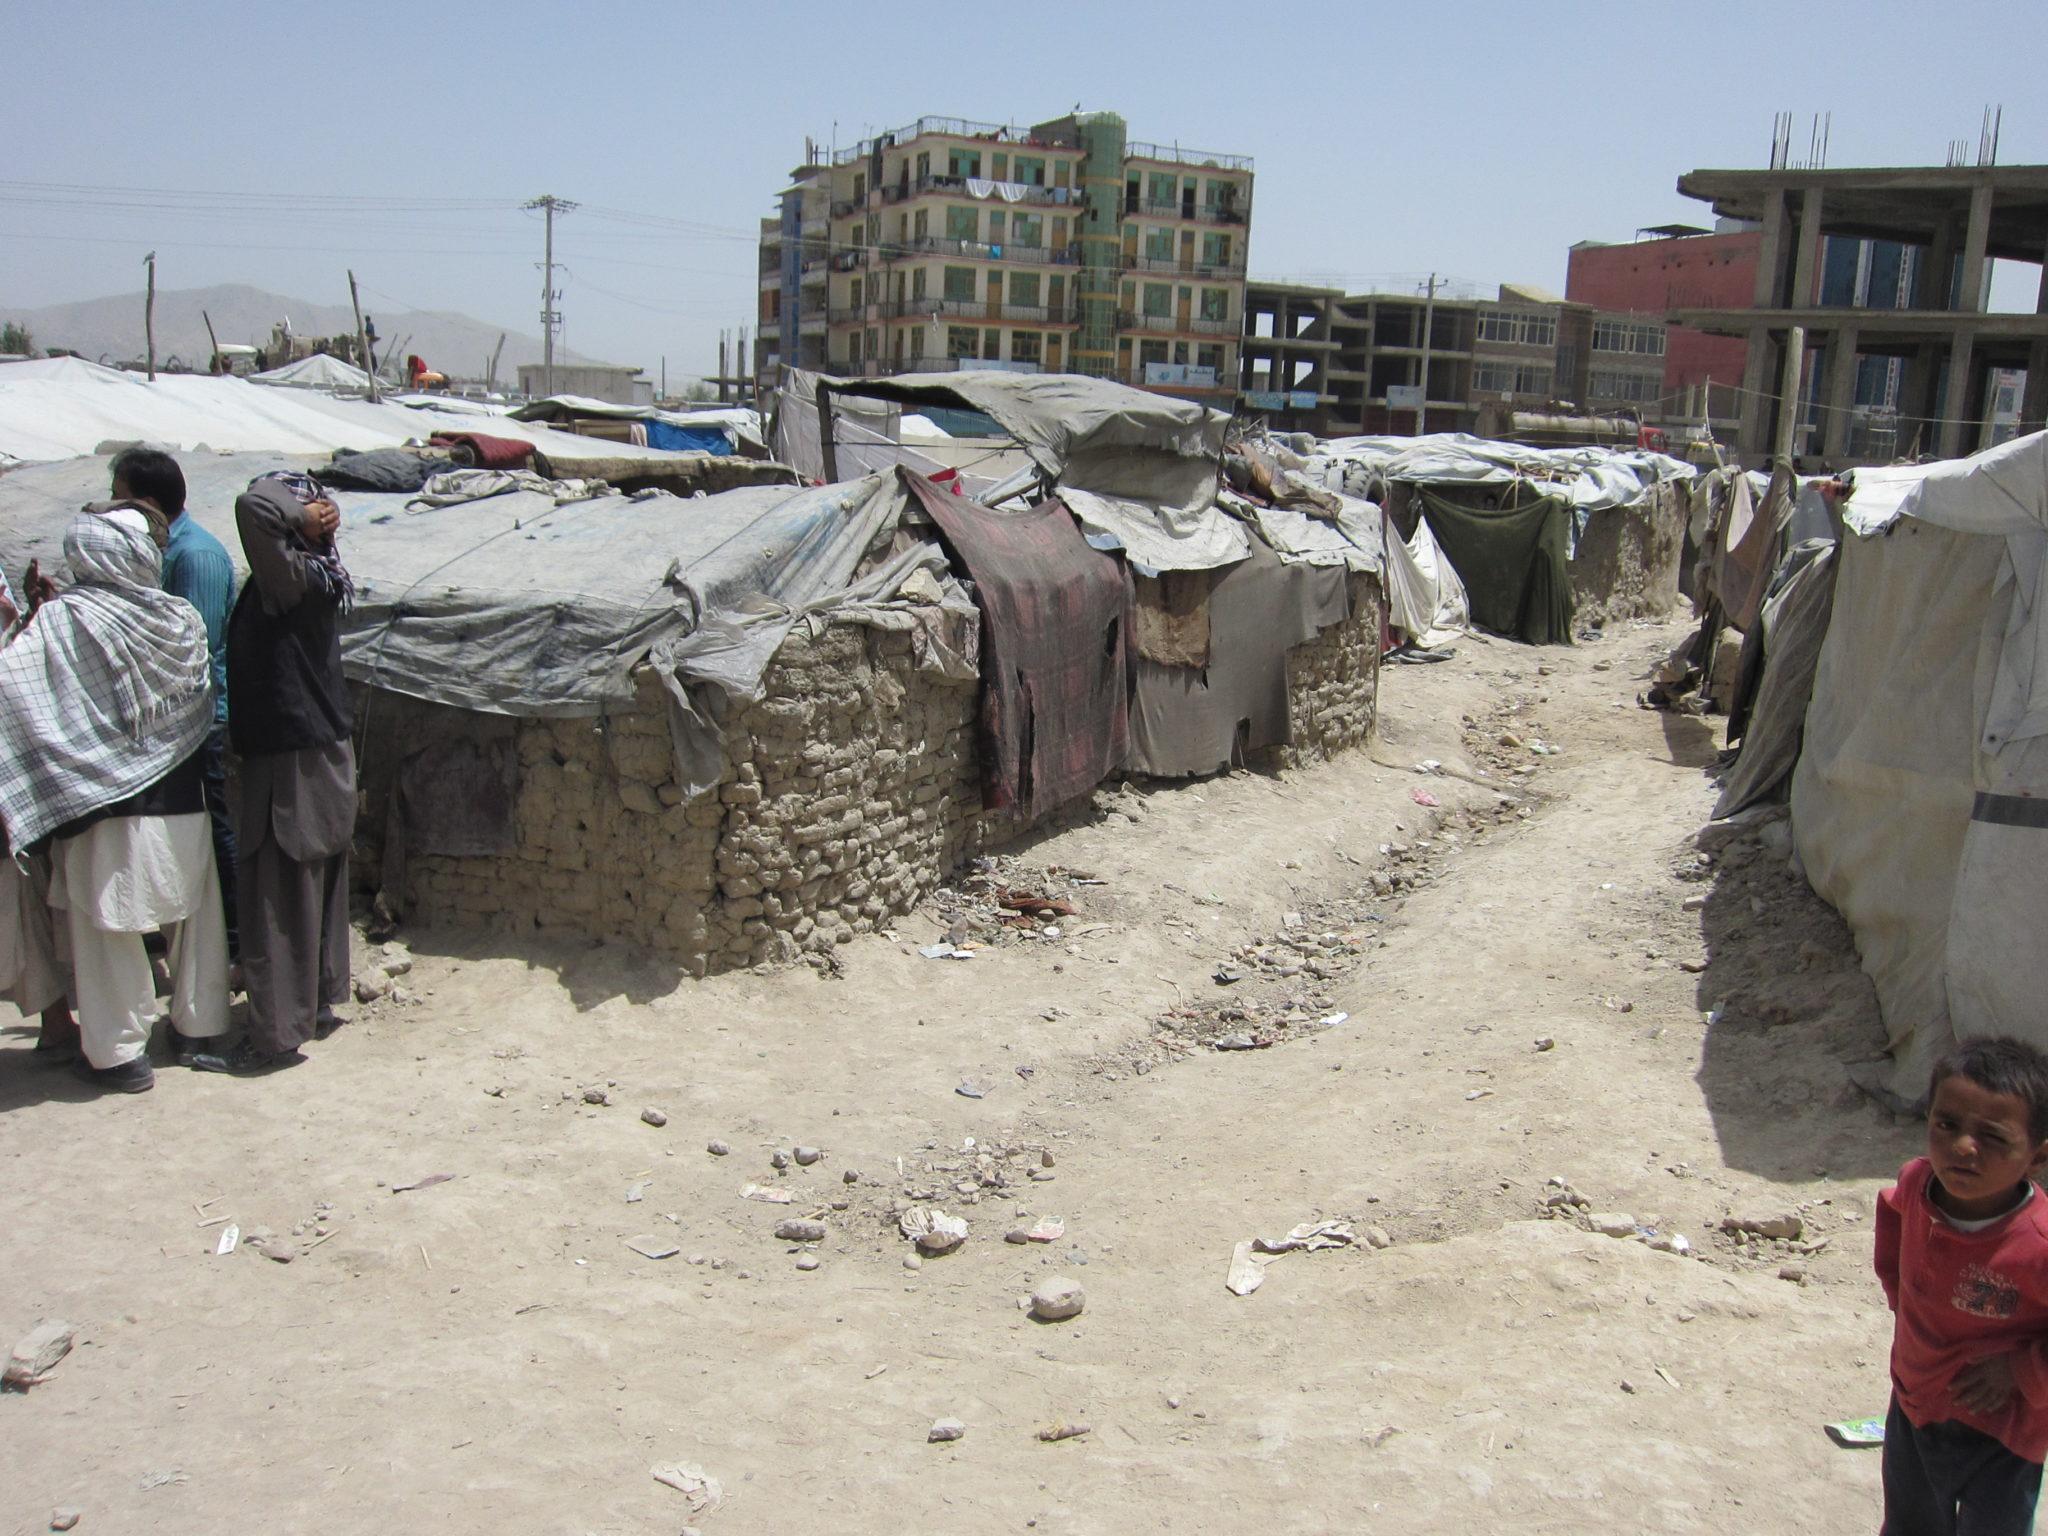 Turkey: Over 2,000 Afghans at risk of deportation